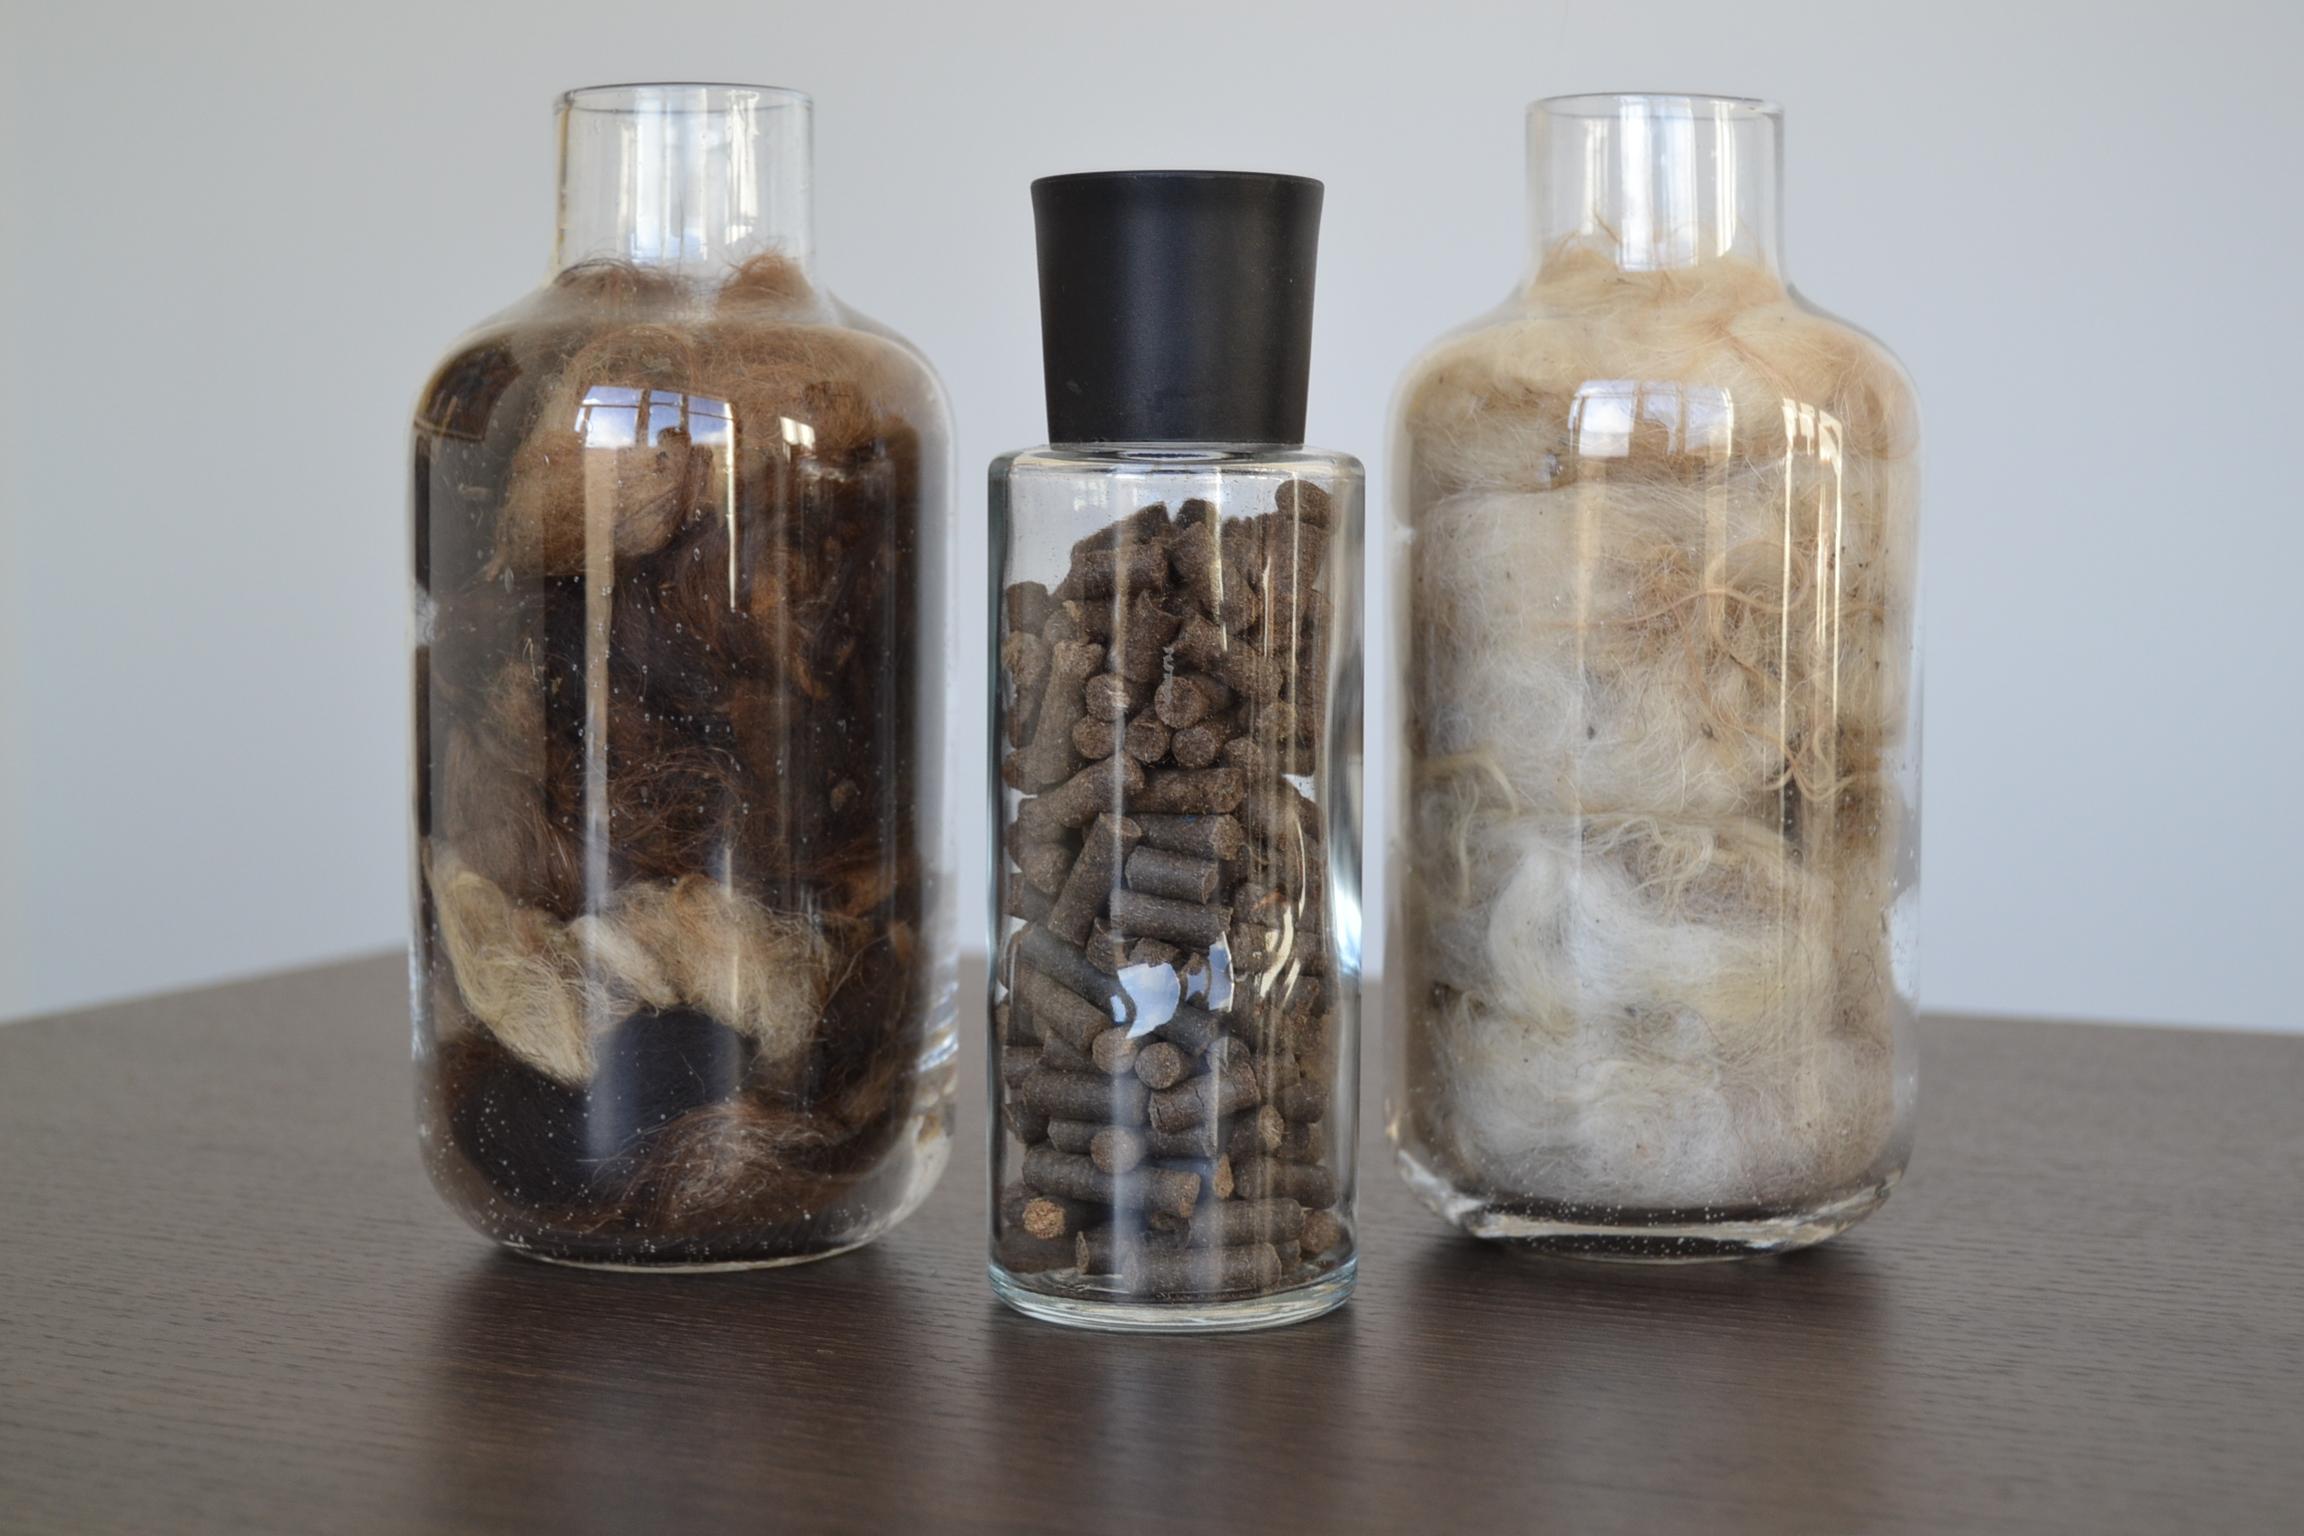 Langzeitwirkung/ Monpellets-Dünger nimmt Mineralien auf und düngt die Pflanzen 10 bis 14 Monate lang, indem er die Wurzelfäule von Pflanzen schützt, die durch Überbewässerung verursacht werden können.